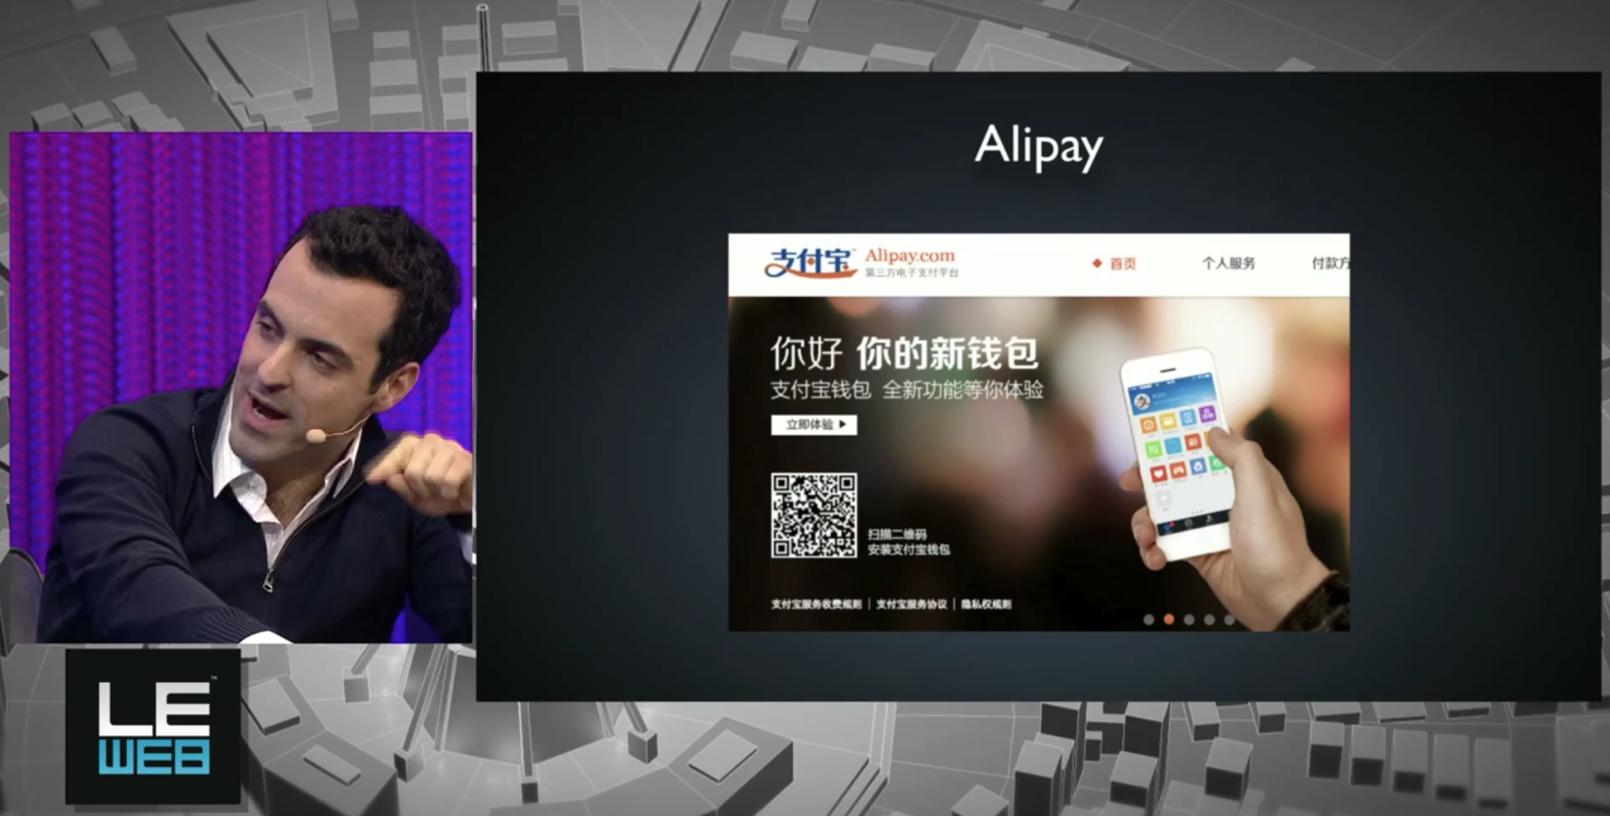 이제는 미국의 페이팔을 능가하는 거래액을 자랑한다는 중국의 인터넷결제수단 알리페이. 당연하지만 우리 이웃나라 일본과 중국에서도 인터넷결제에 액티브액스는 필요없다.